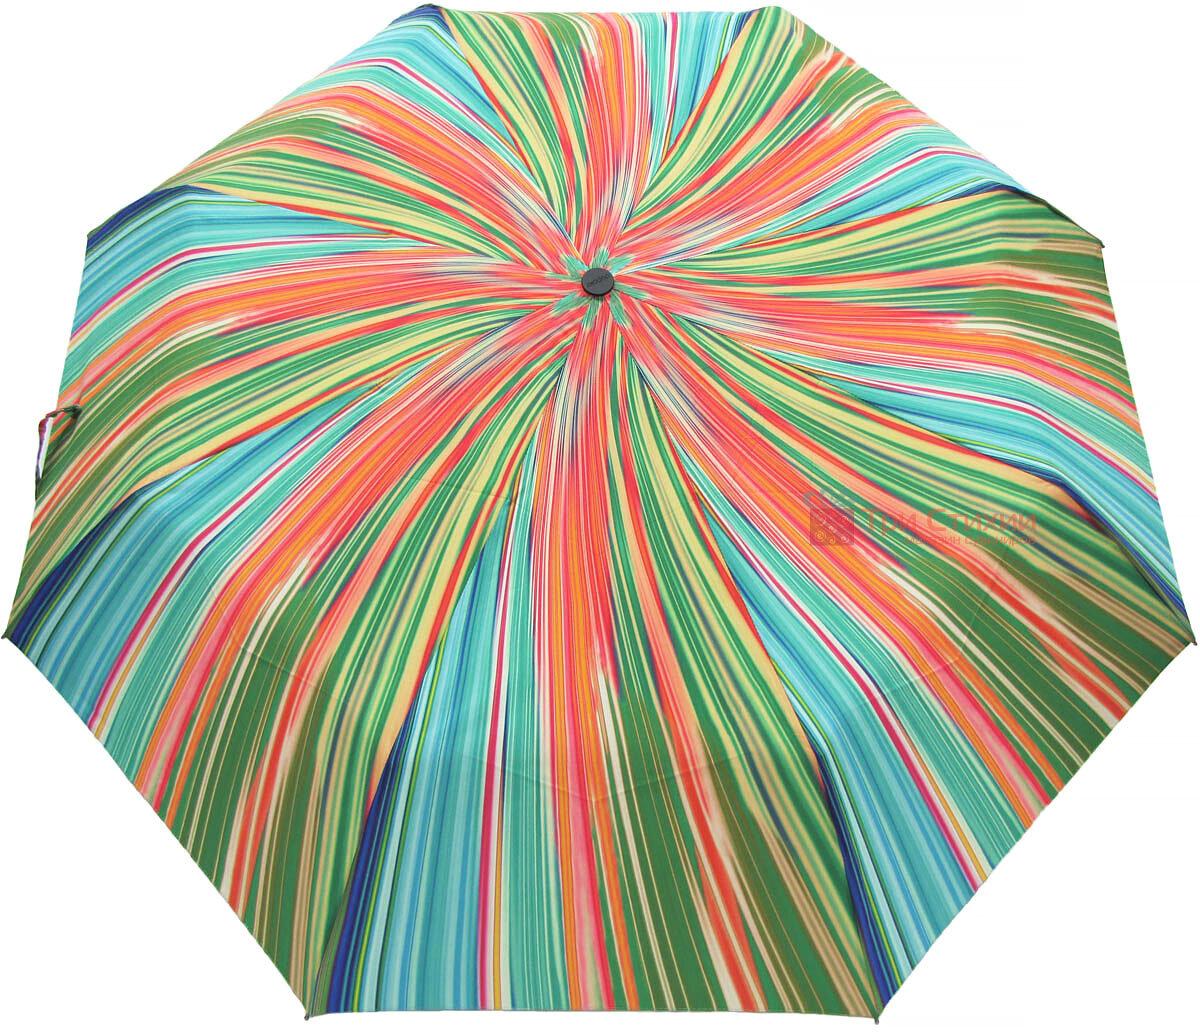 Зонт складной Doppler Carbonsteel 744865F01 полный автомат Зелено-голубой, фото 2